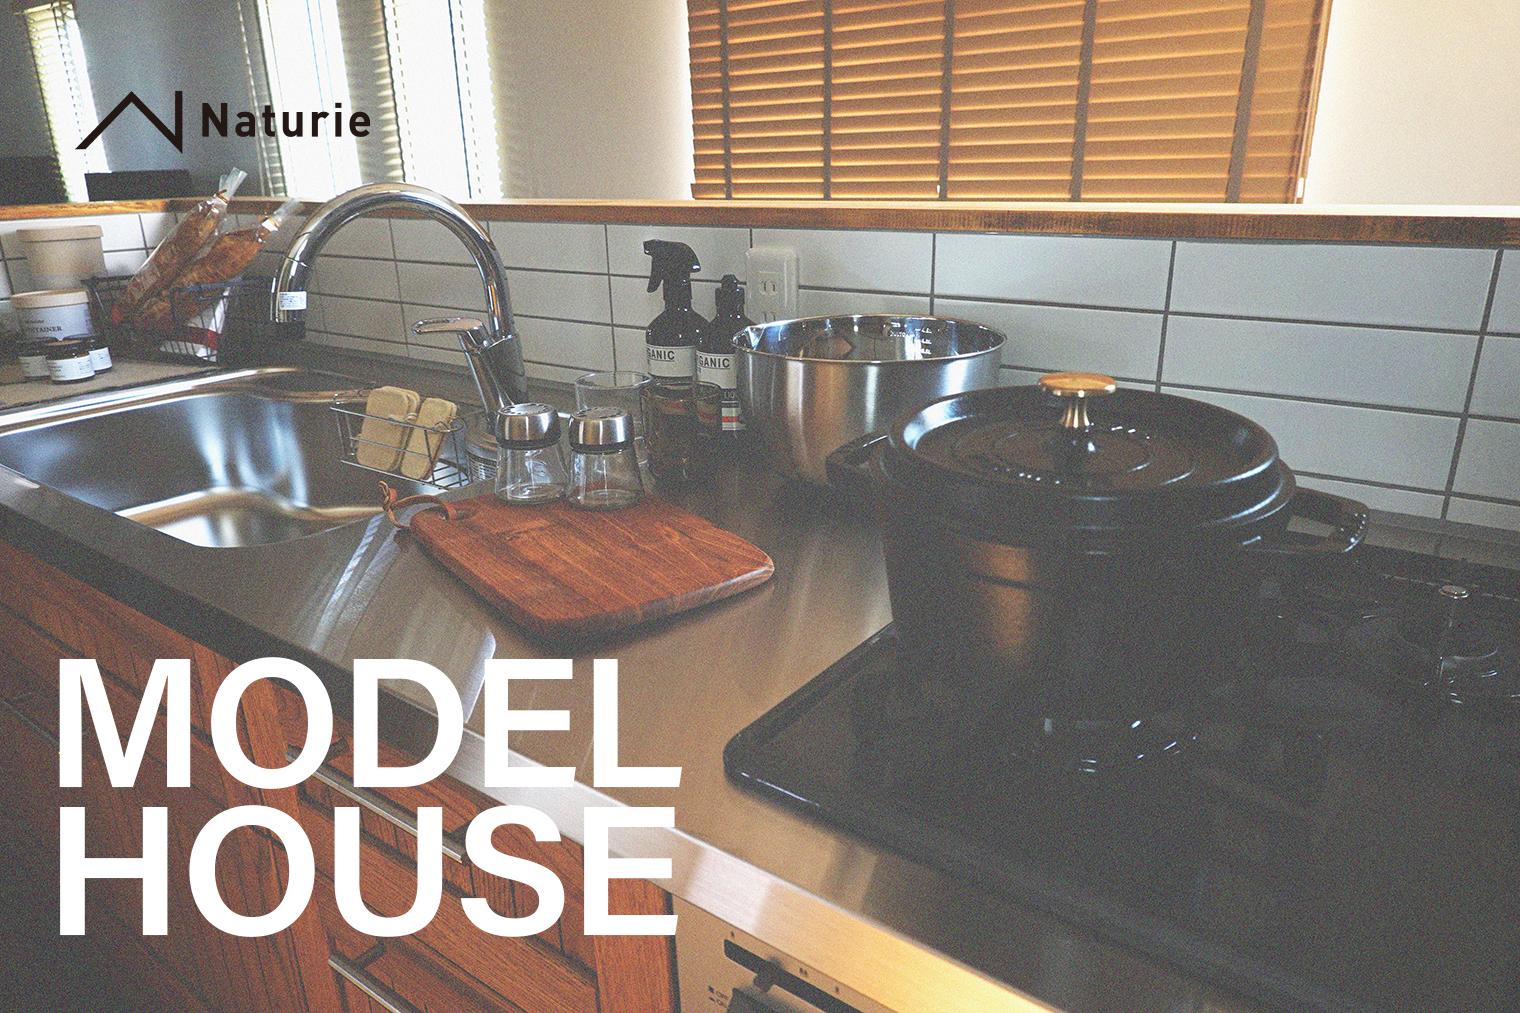 【モデルハウス好評販売中】自宅にいながら楽しめる街中アウトドアの家